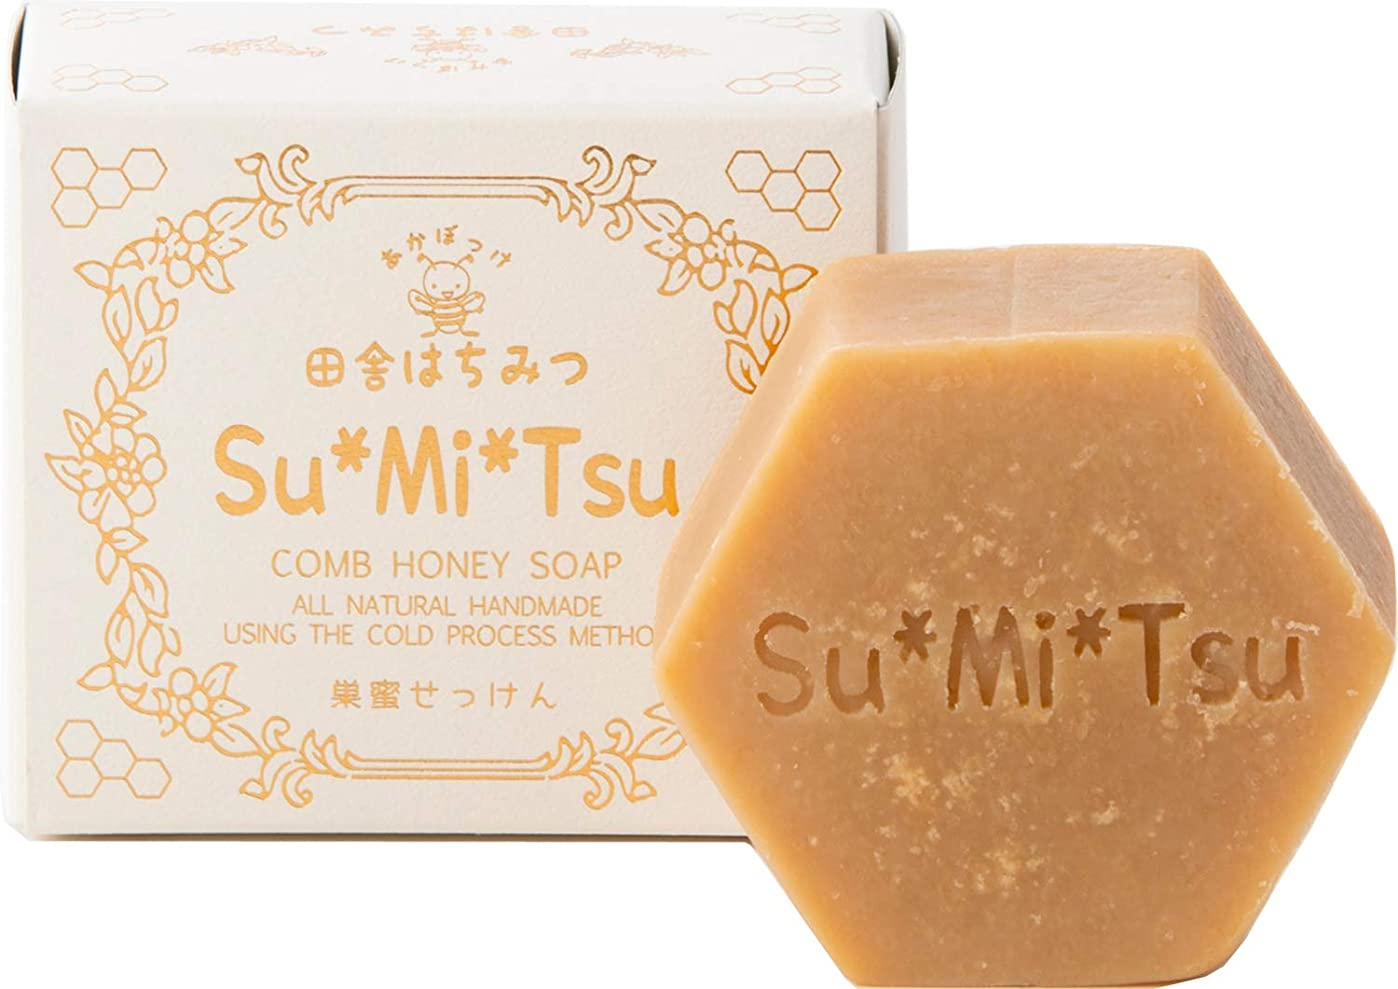 後ろ、背後、背面(部重大許可するSuMiTsu 巣蜜せっけん ハチミツ『6.5%』 国内 手作り コールドプロセス 製法